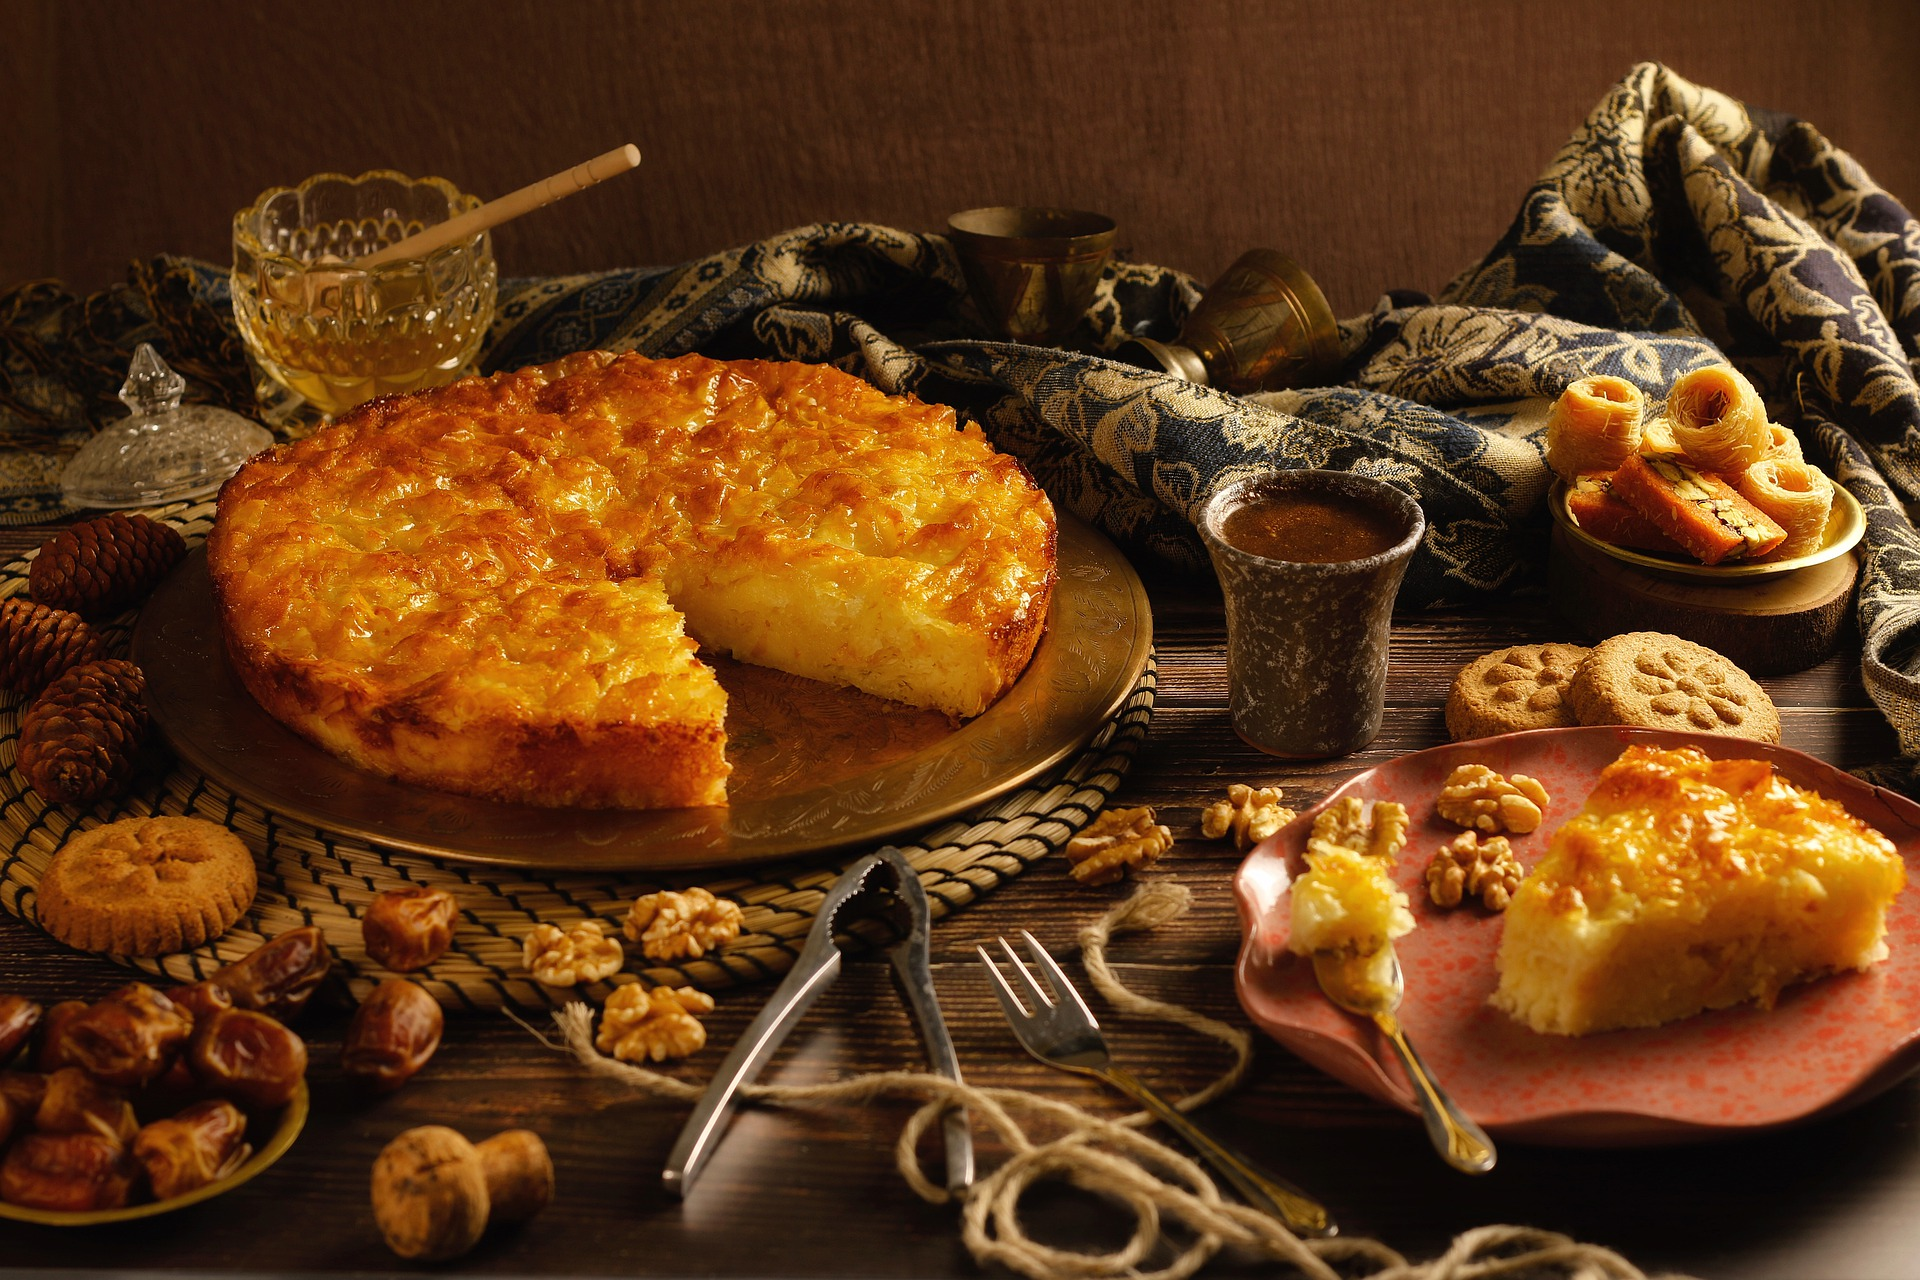 Comment choisir un moule à tarte ou une tourtière?